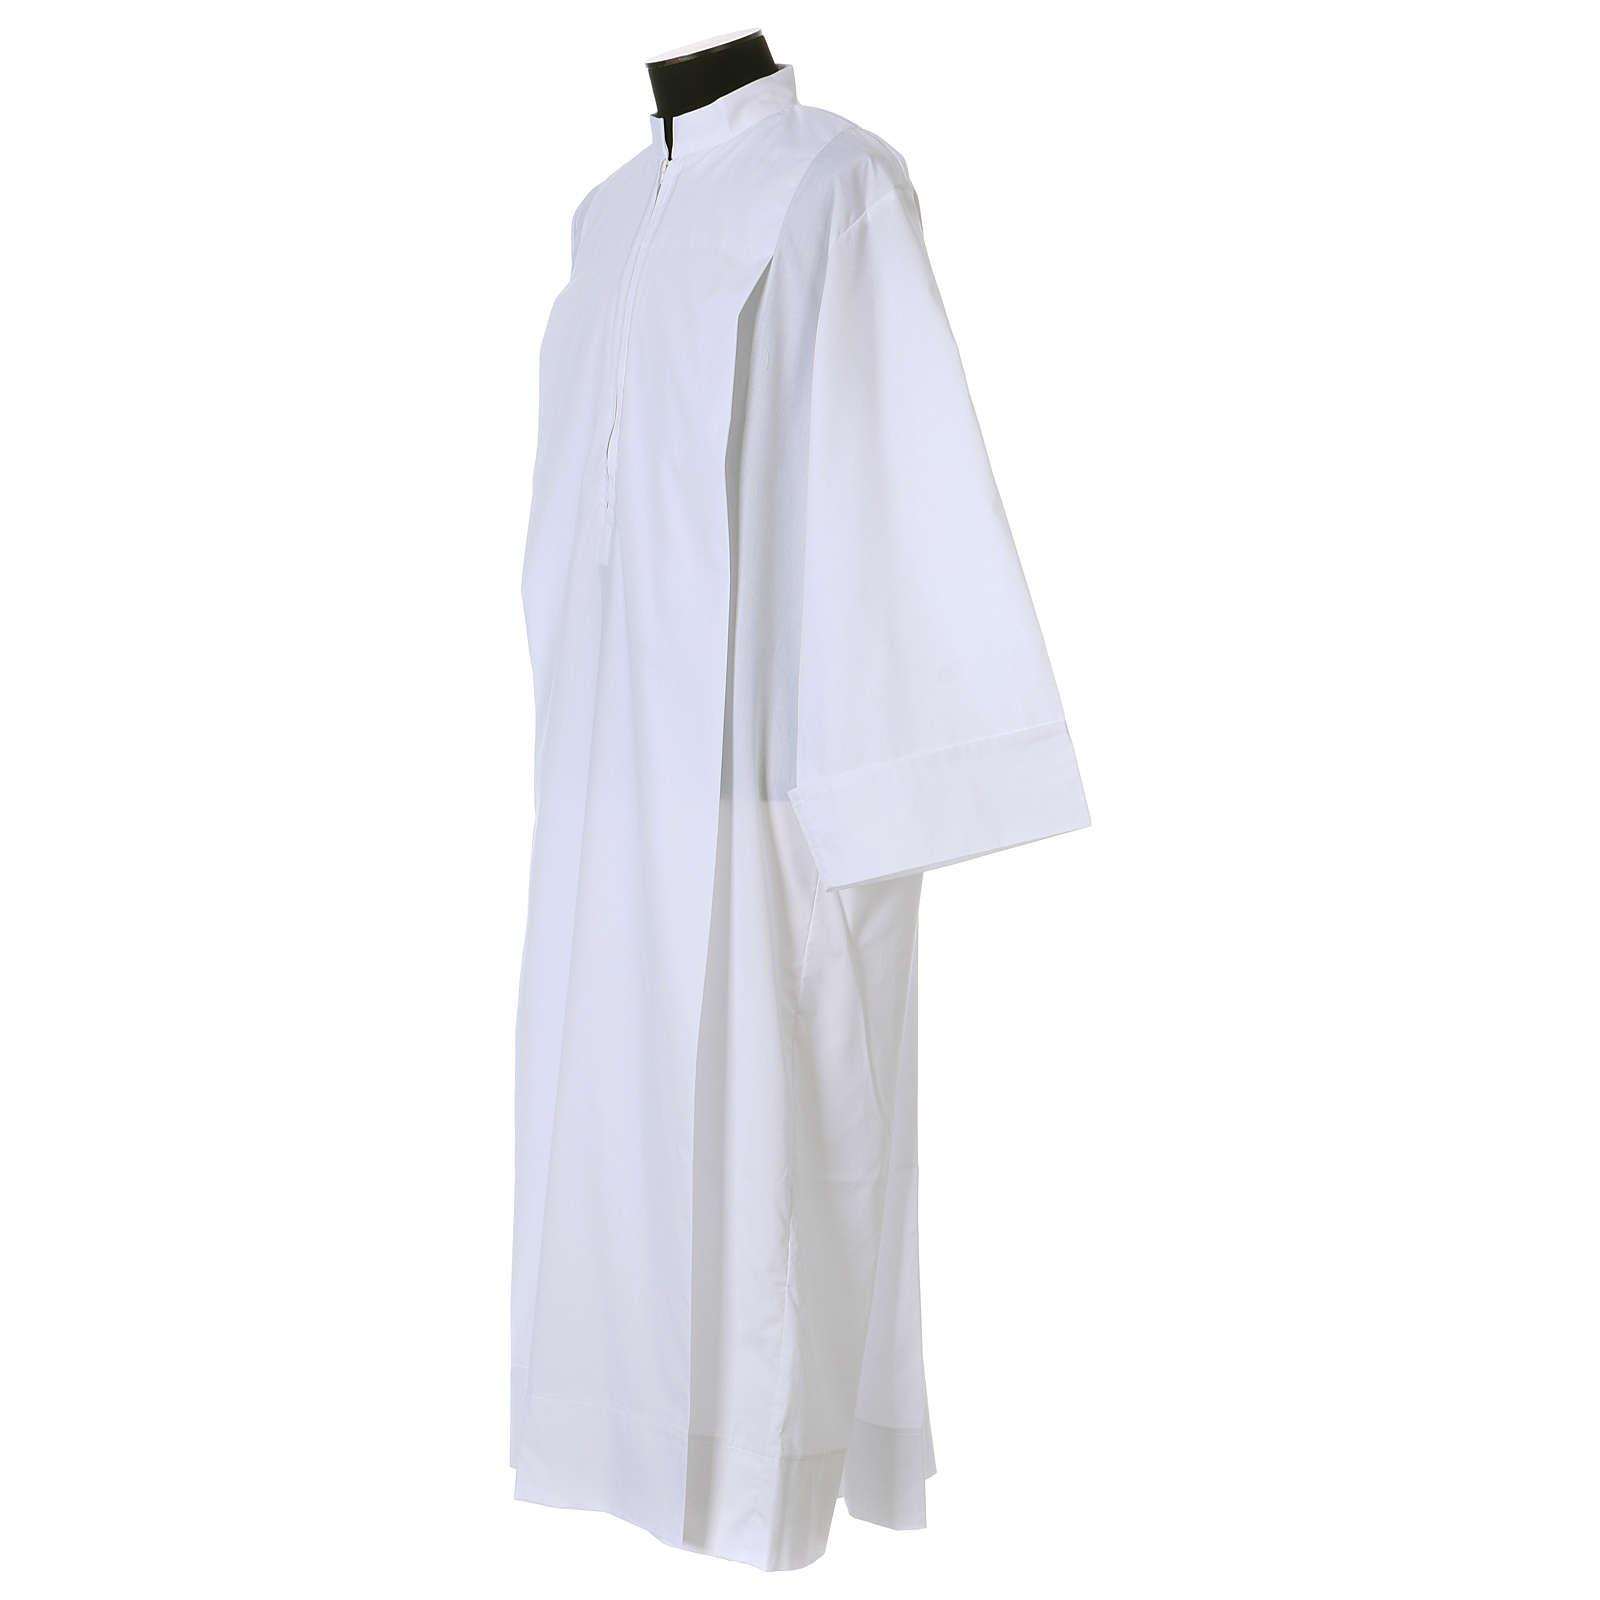 Aube blanche 65% polyester, 35% coton deux plis fermeture devant 4